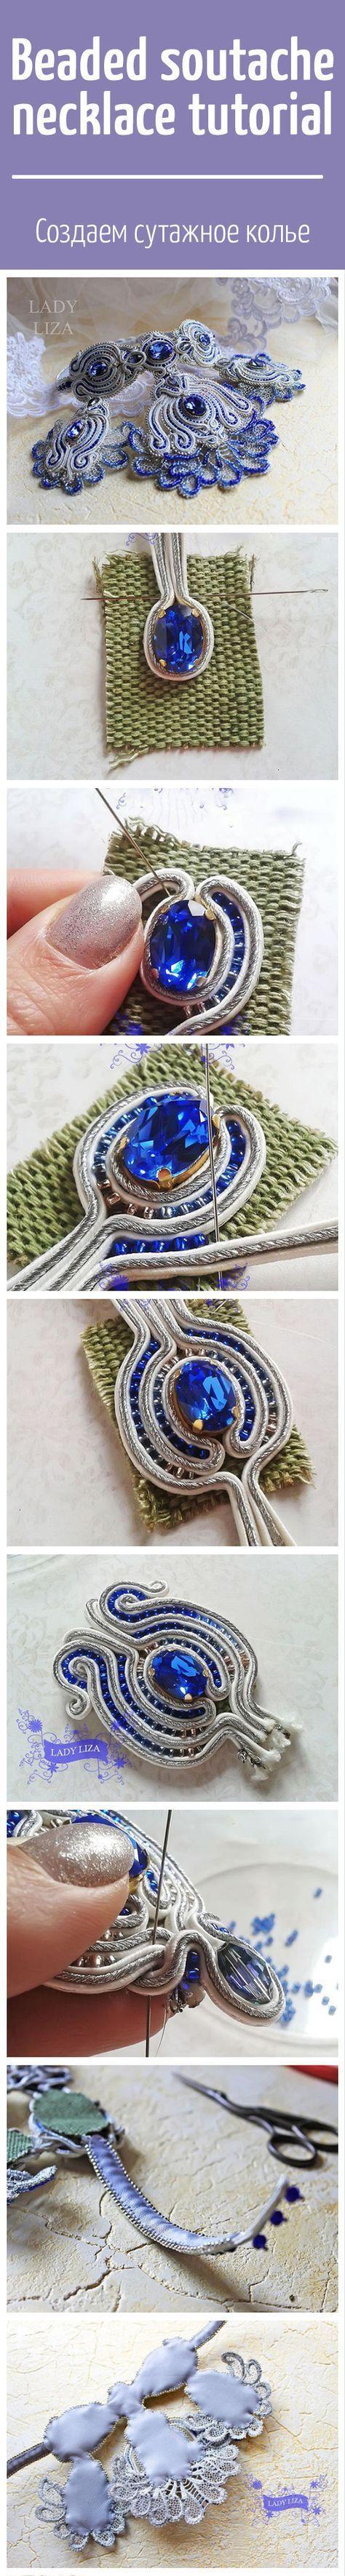 Beaded soutache necklace tutorial / Создаем сутажное колье